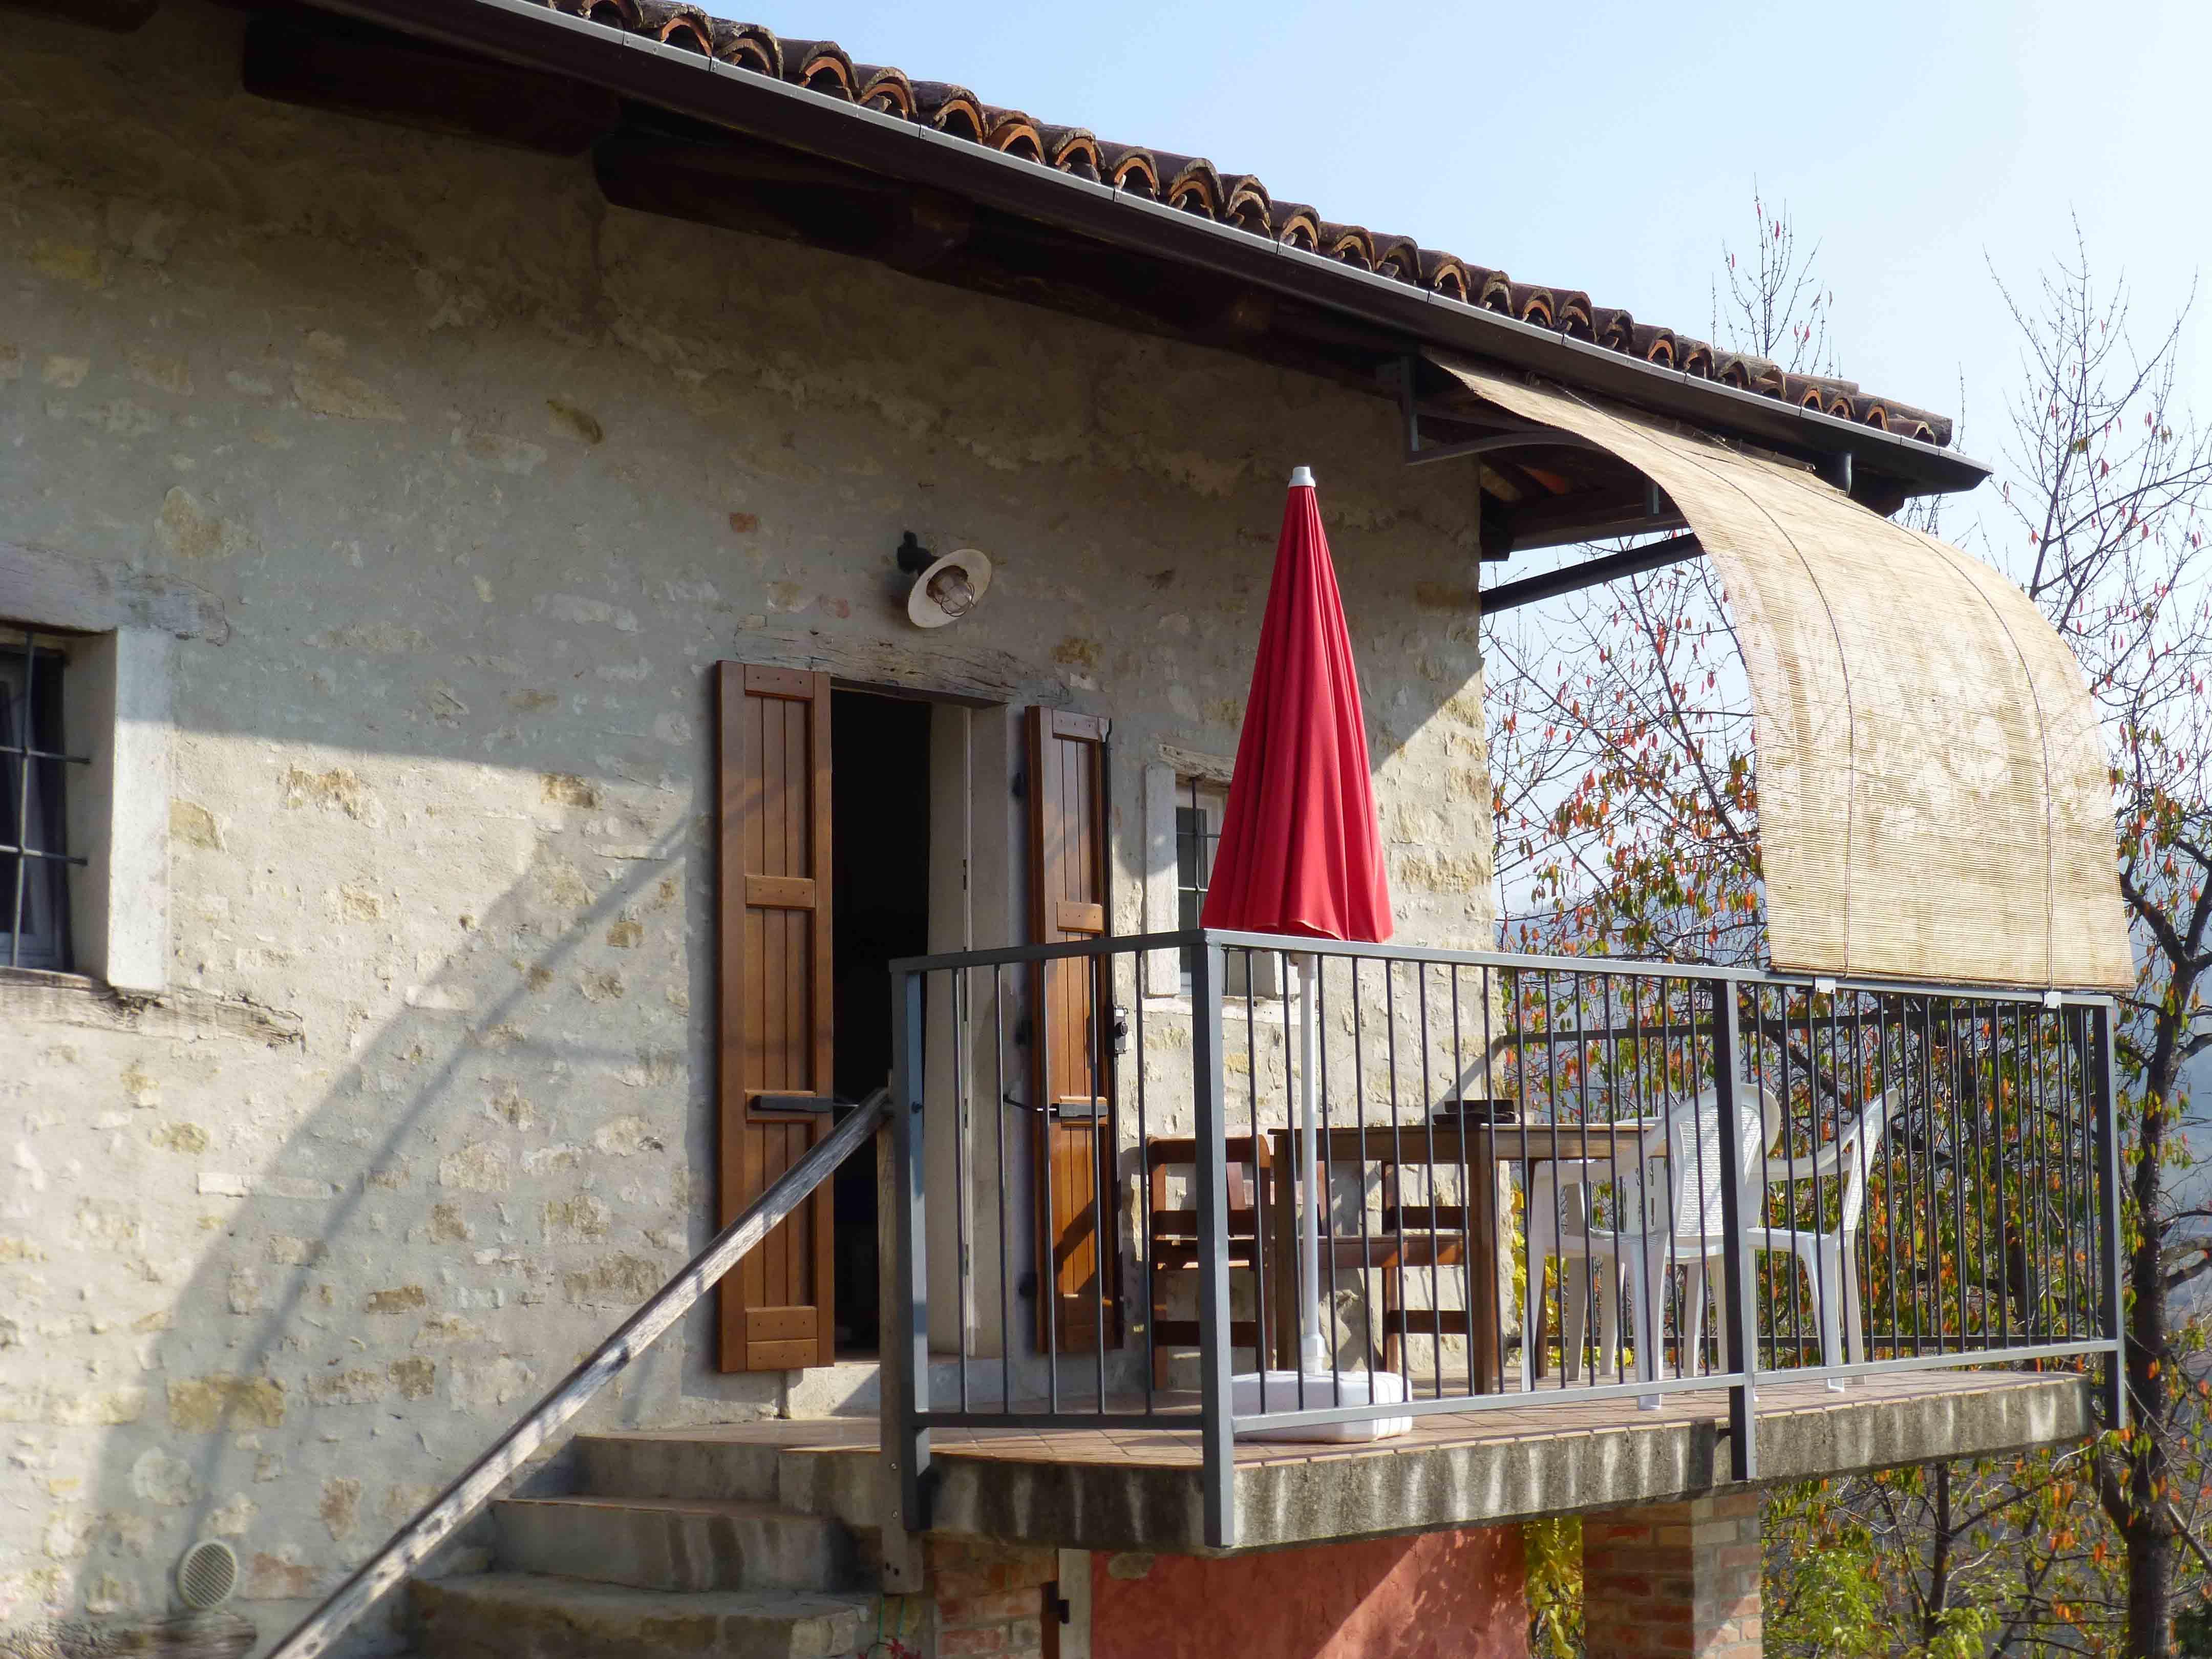 zonnescherm balkon La Casa Vecchia